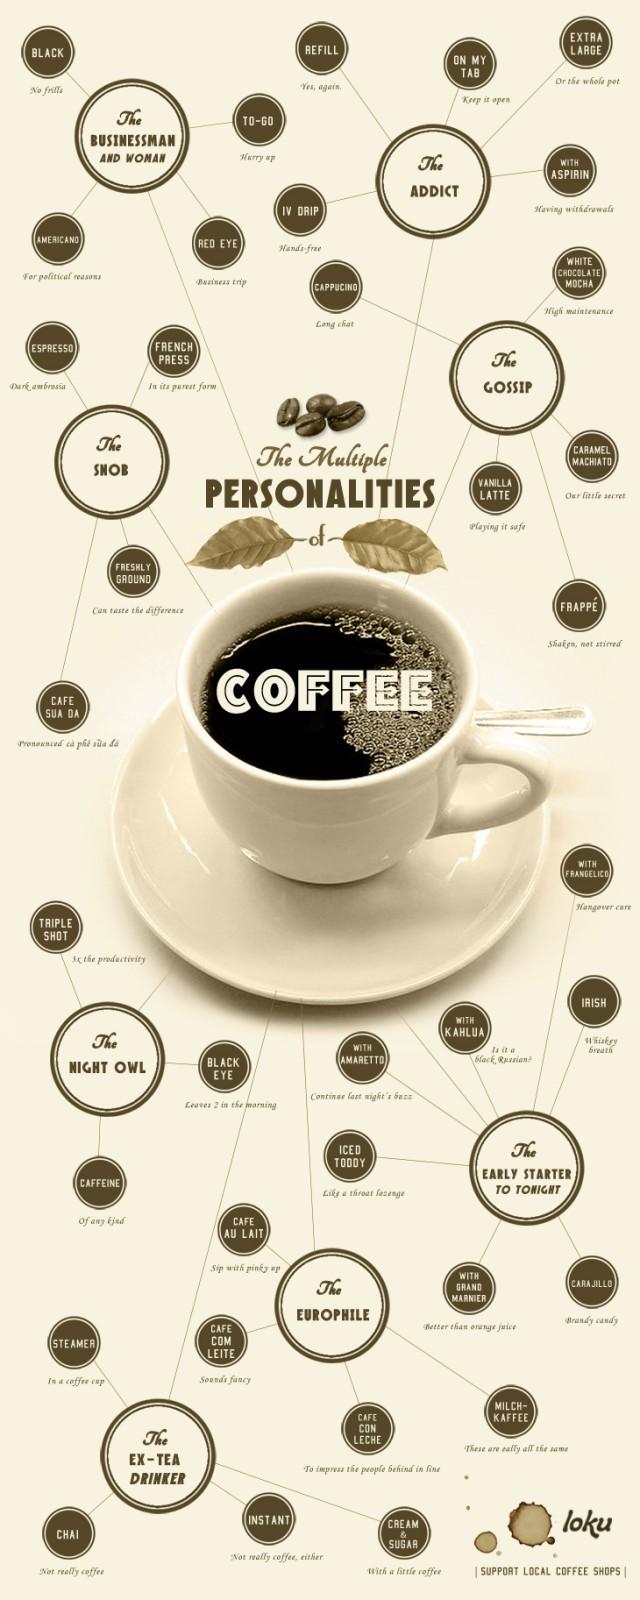 welcher-kaffeetyp-bist-du